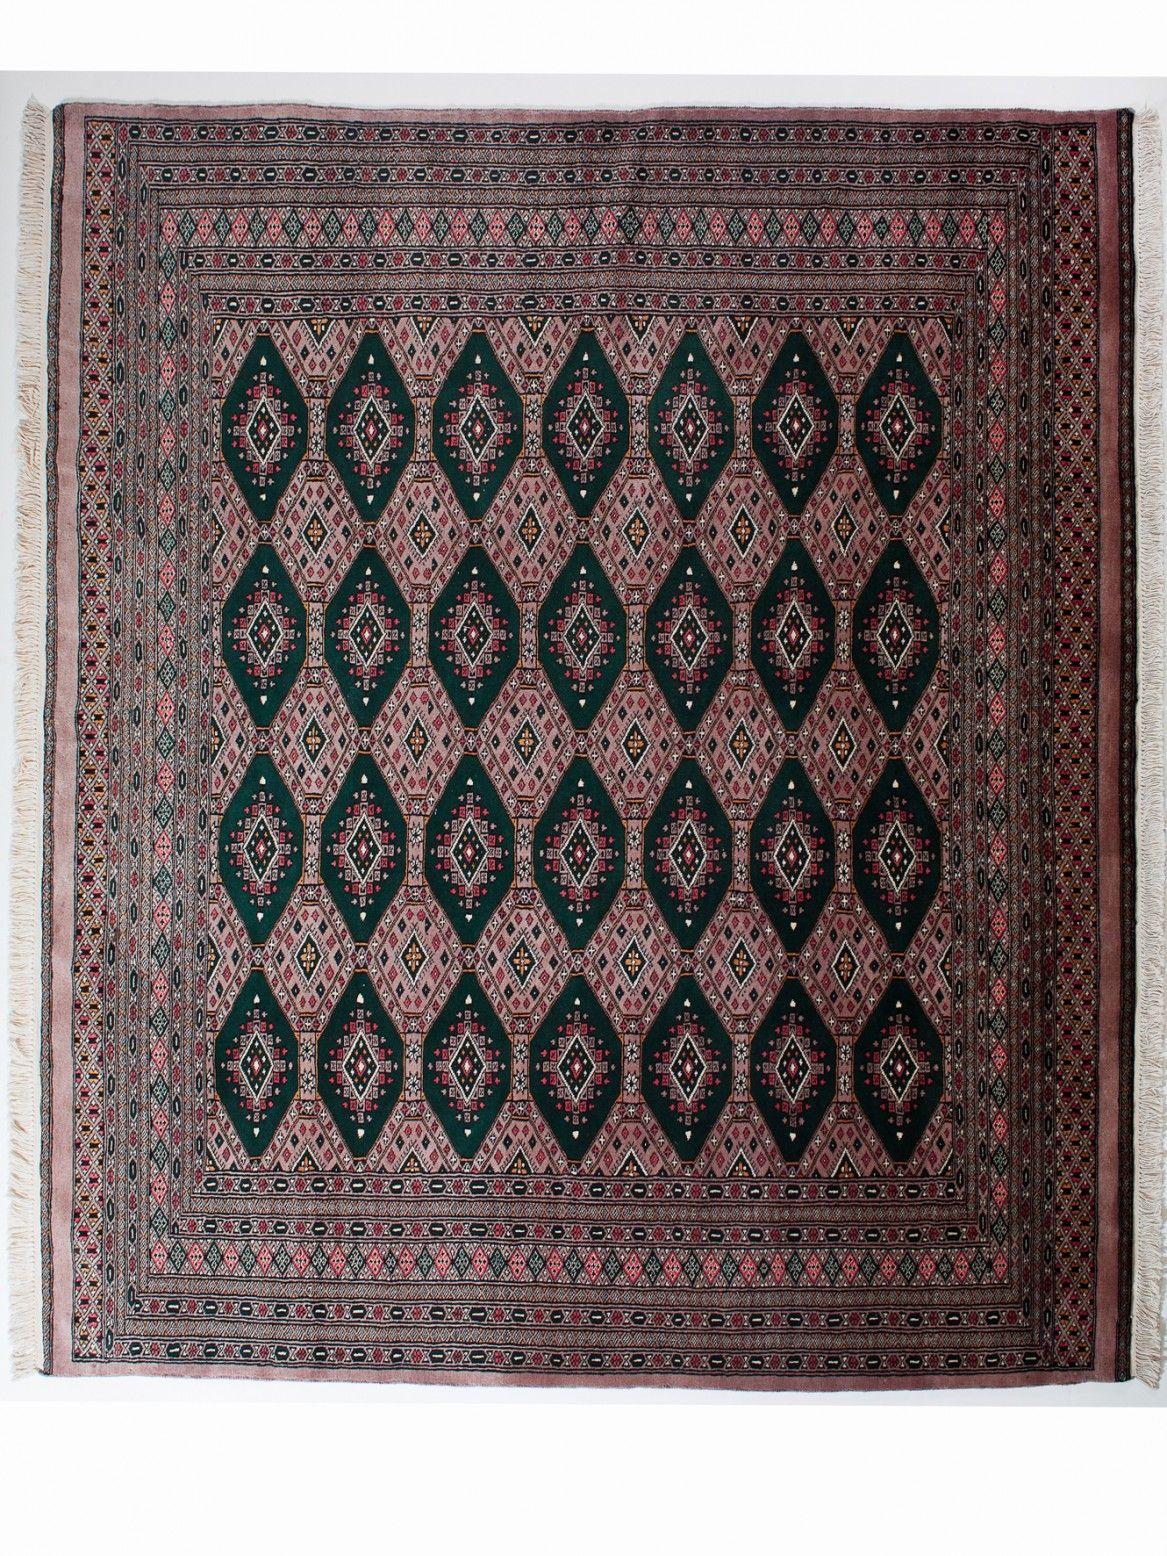 blog - servicios de limpieza de alfombras de pakistan